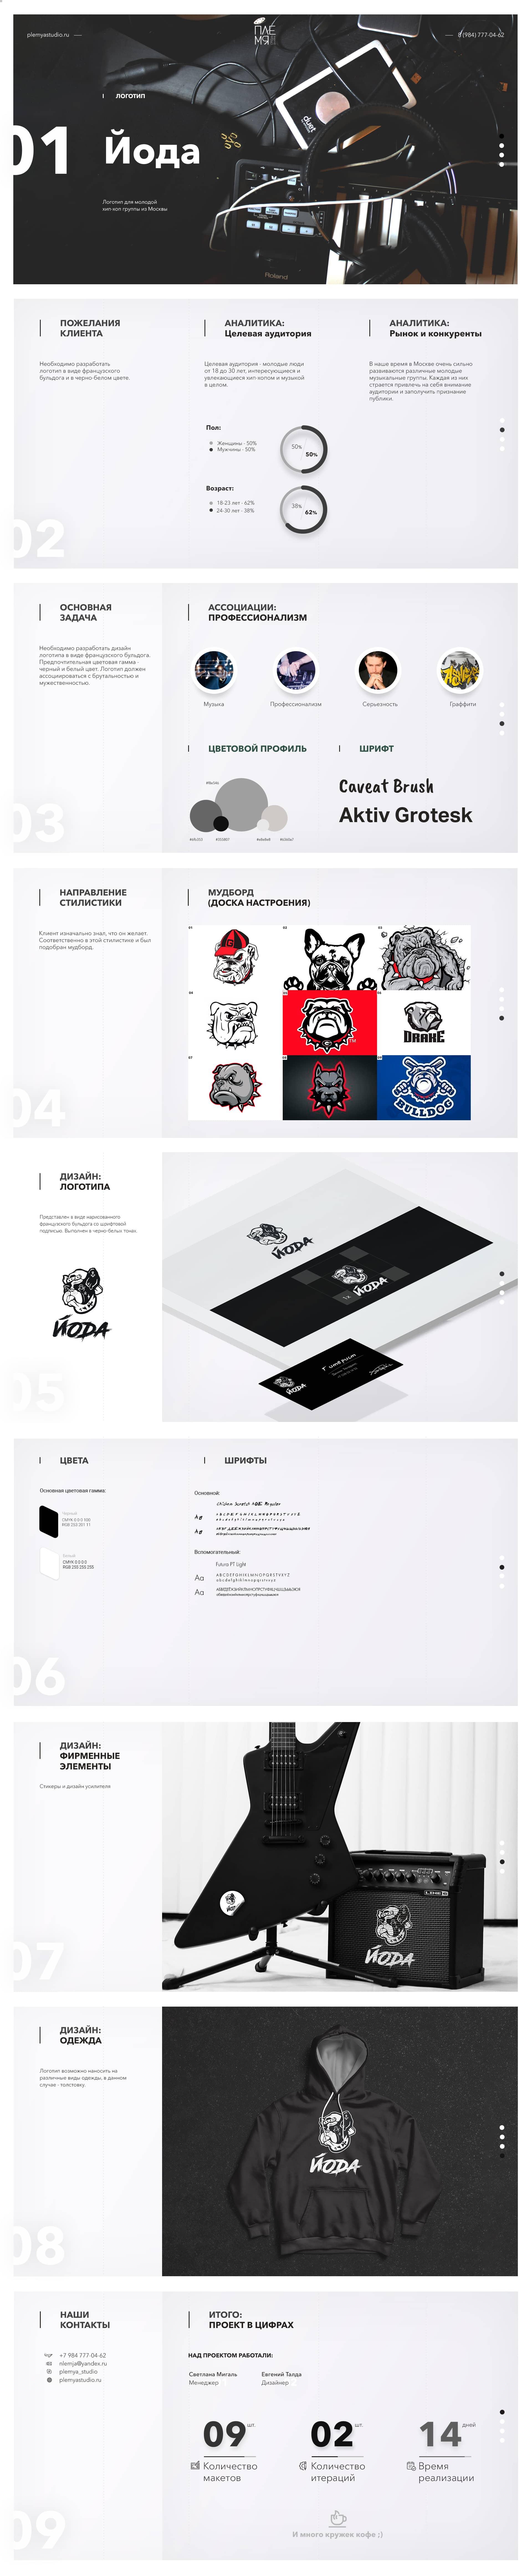 Разработка дизайна логотипа для компании Йода